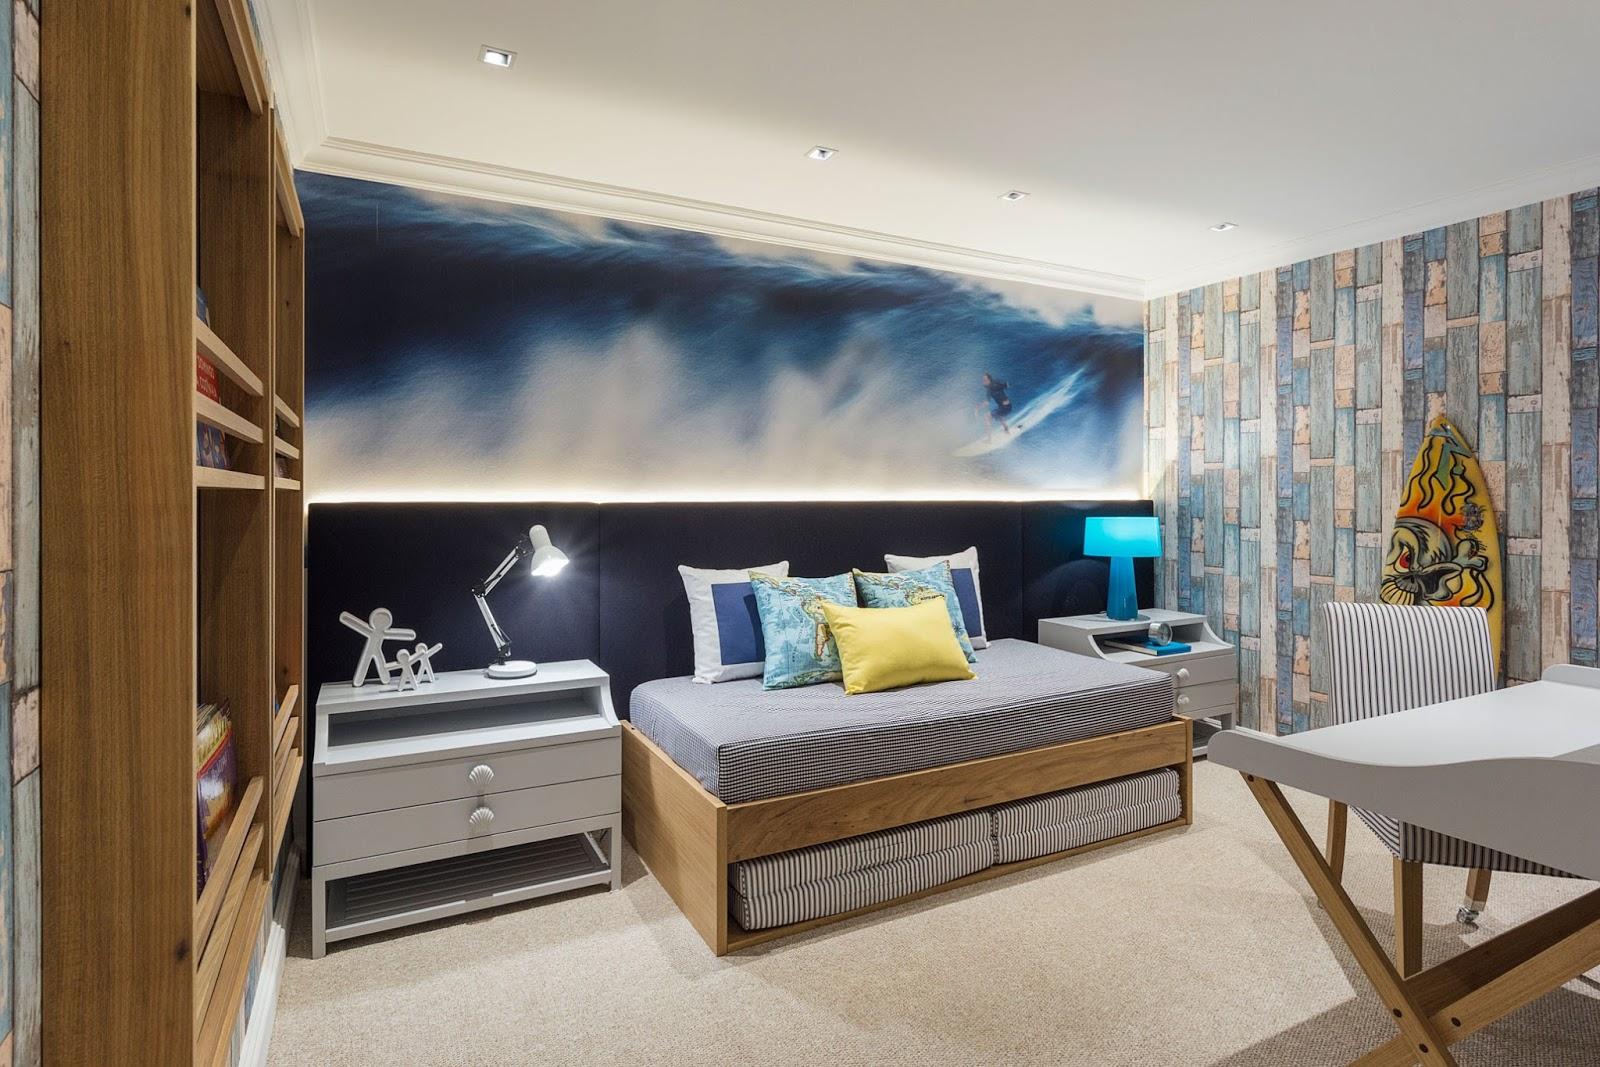 Construindo Minha Casa Clean Quarto Para Menino Surfista  ~ Quarto Com Cabeceira Estofada E Quarto Para Alugar Em Sp